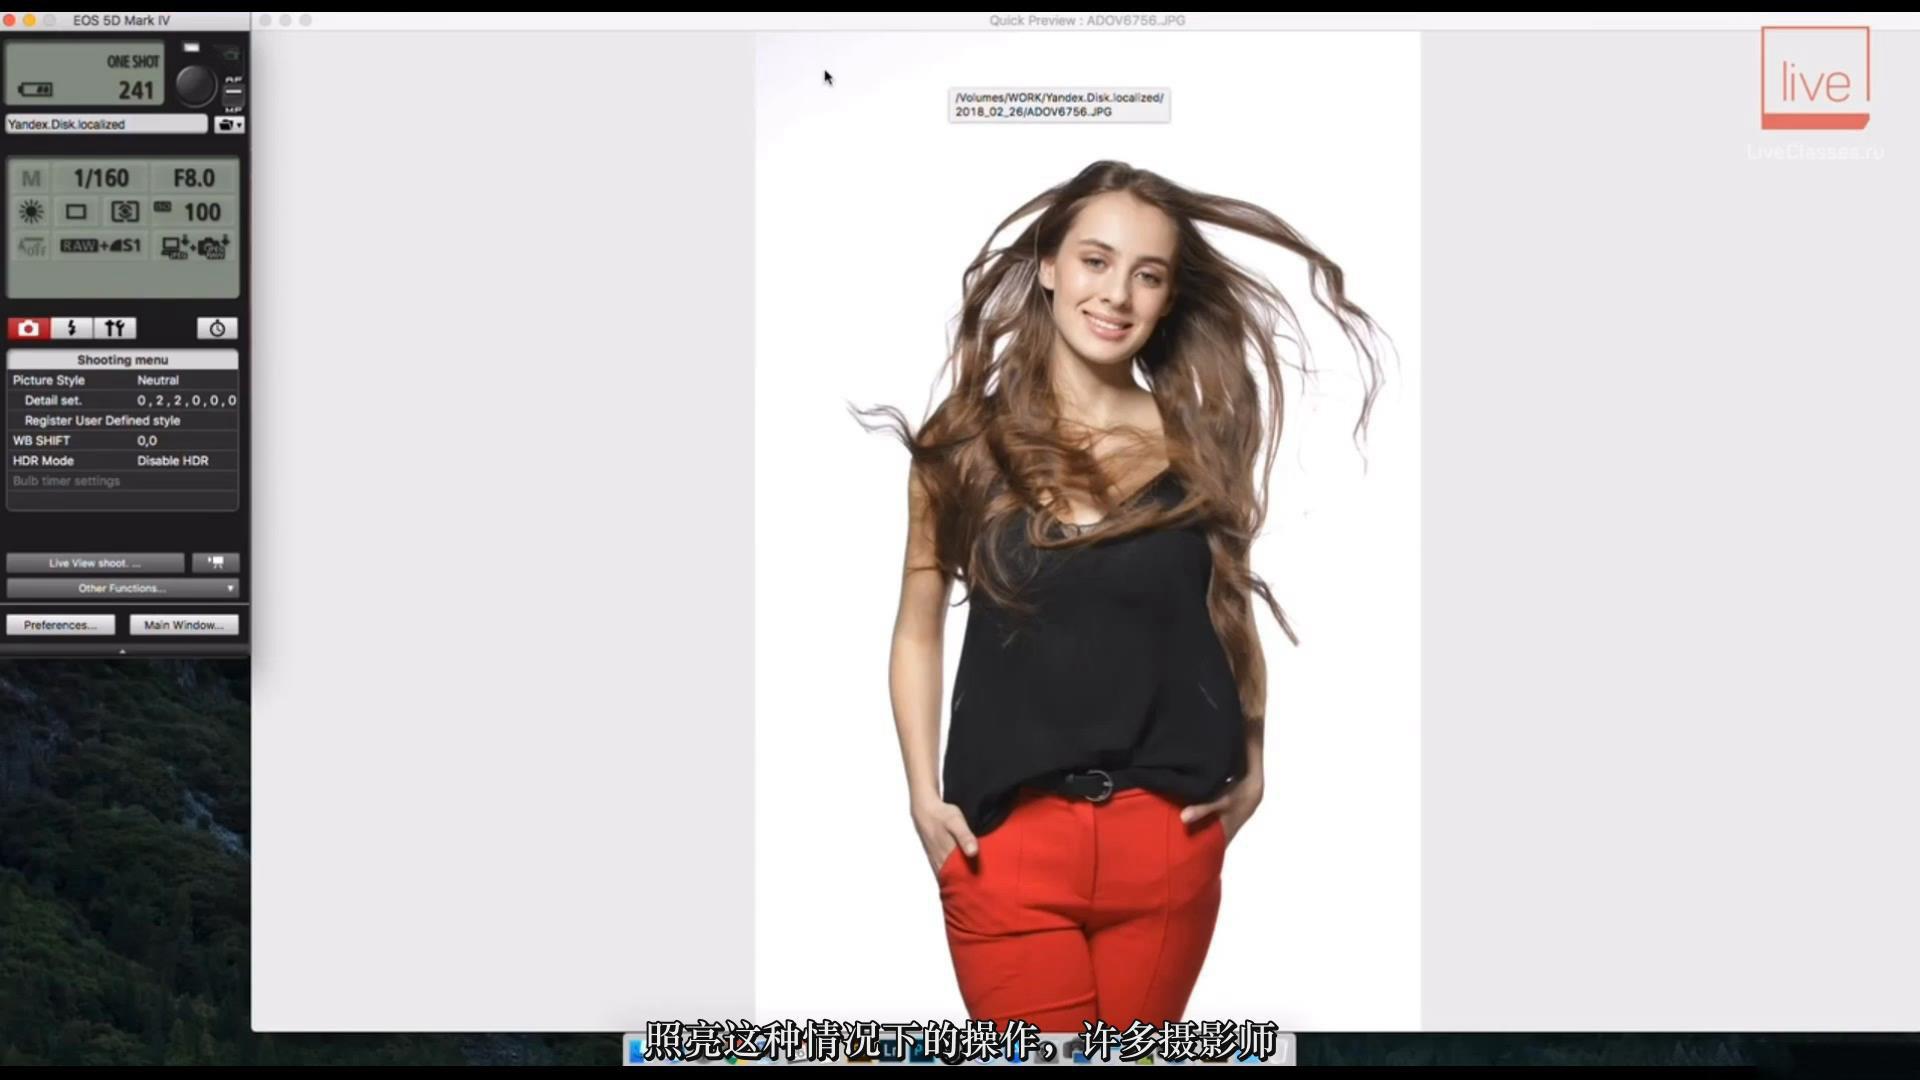 摄影教程_Liveclasses-Alexey Dovgulya使用强光或柔光拍摄酷炫工作室人像-中文字幕 摄影教程 _预览图14